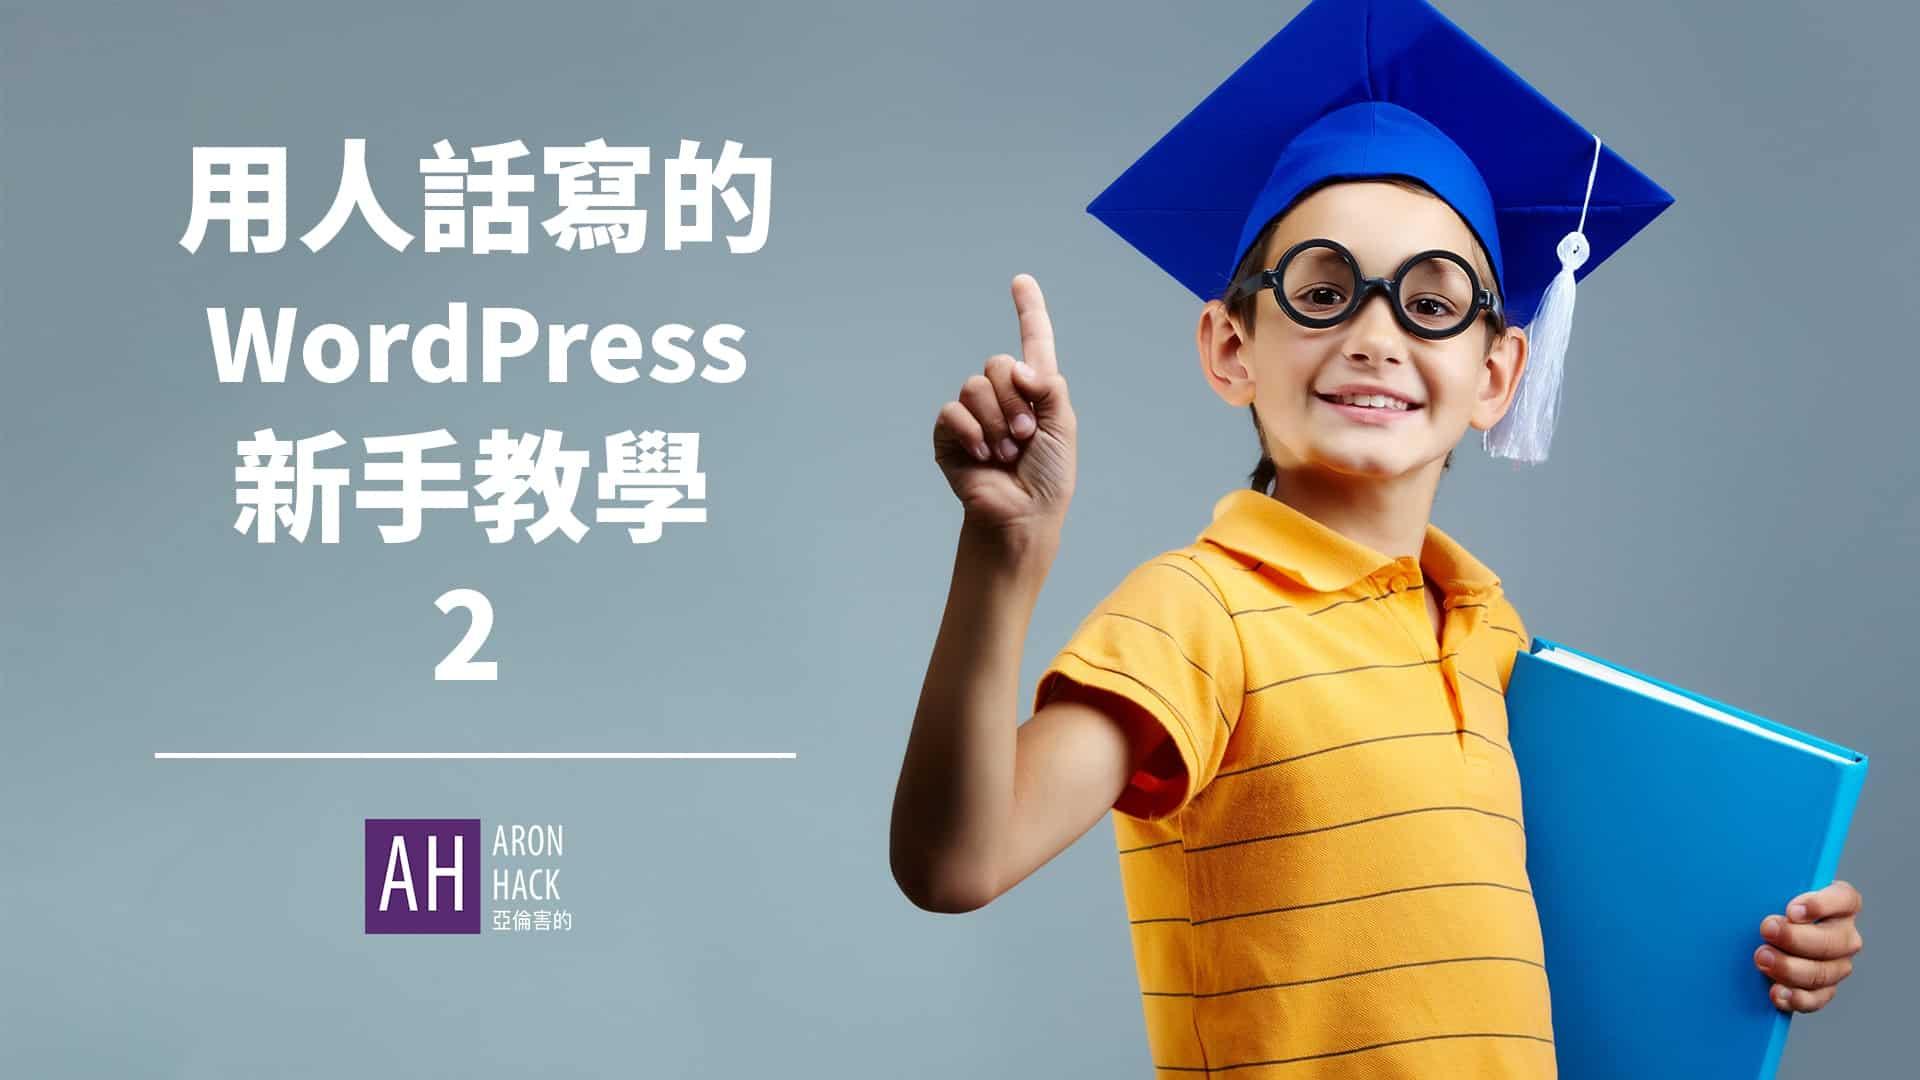 用人話寫的WordPress網頁設計教學 1 - 新手入門概念篇